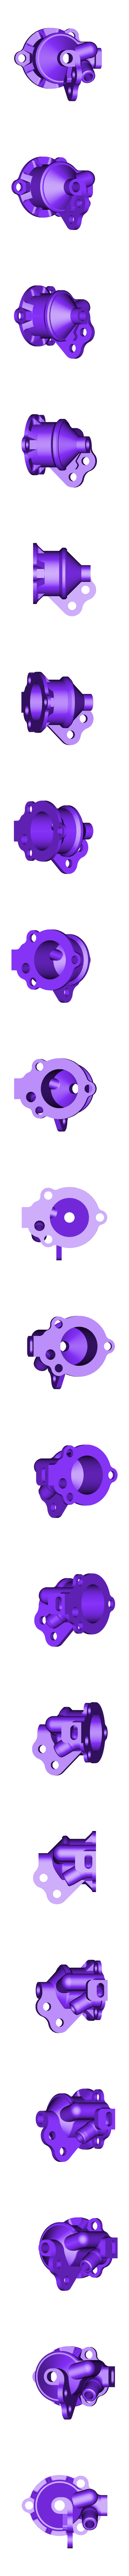 Main_Cylinder_6mm_Pipe.stl Télécharger fichier STL gratuit Vapemobile : Voiture jouet pneumatique • Modèle pour imprimante 3D, Slava_Z